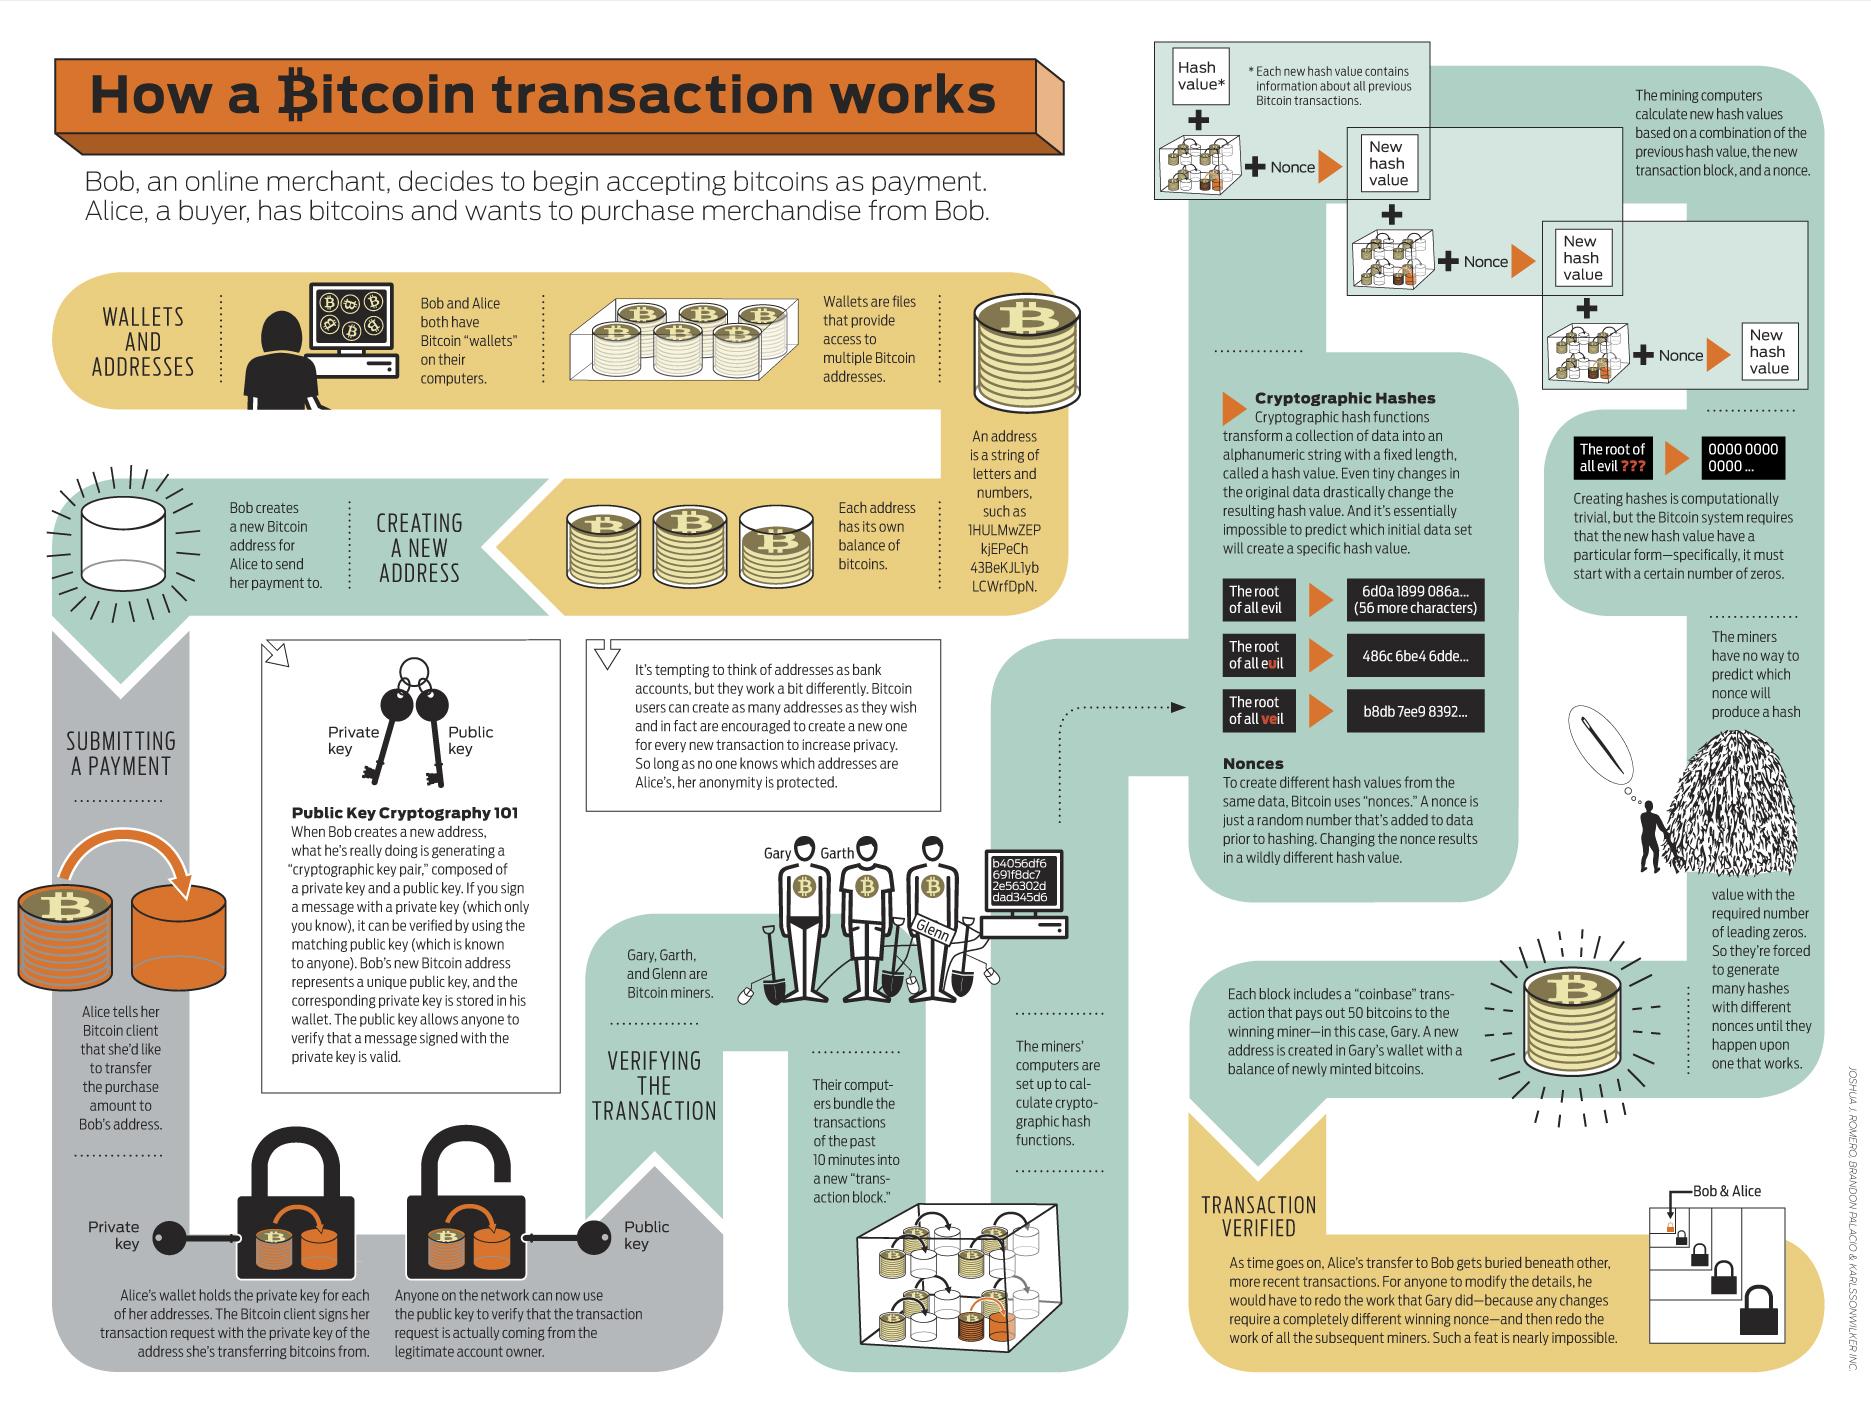 В чем суть майнинга криптовалют - проблемы и перспективы цифровых денег